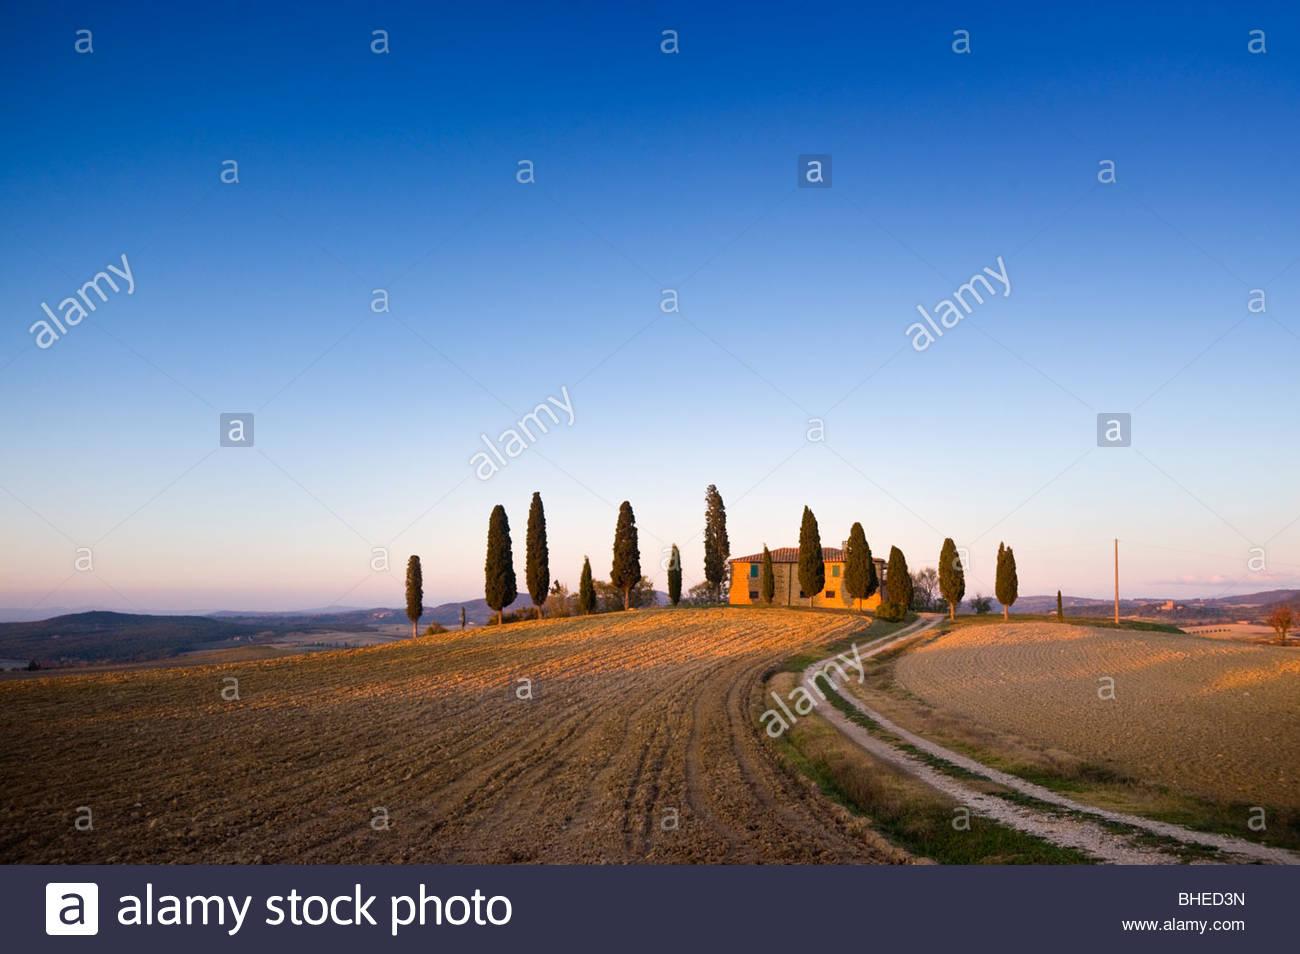 Granja cerca de Pienza y Val d'Orcia, Toscana, Italia. Imagen De Stock